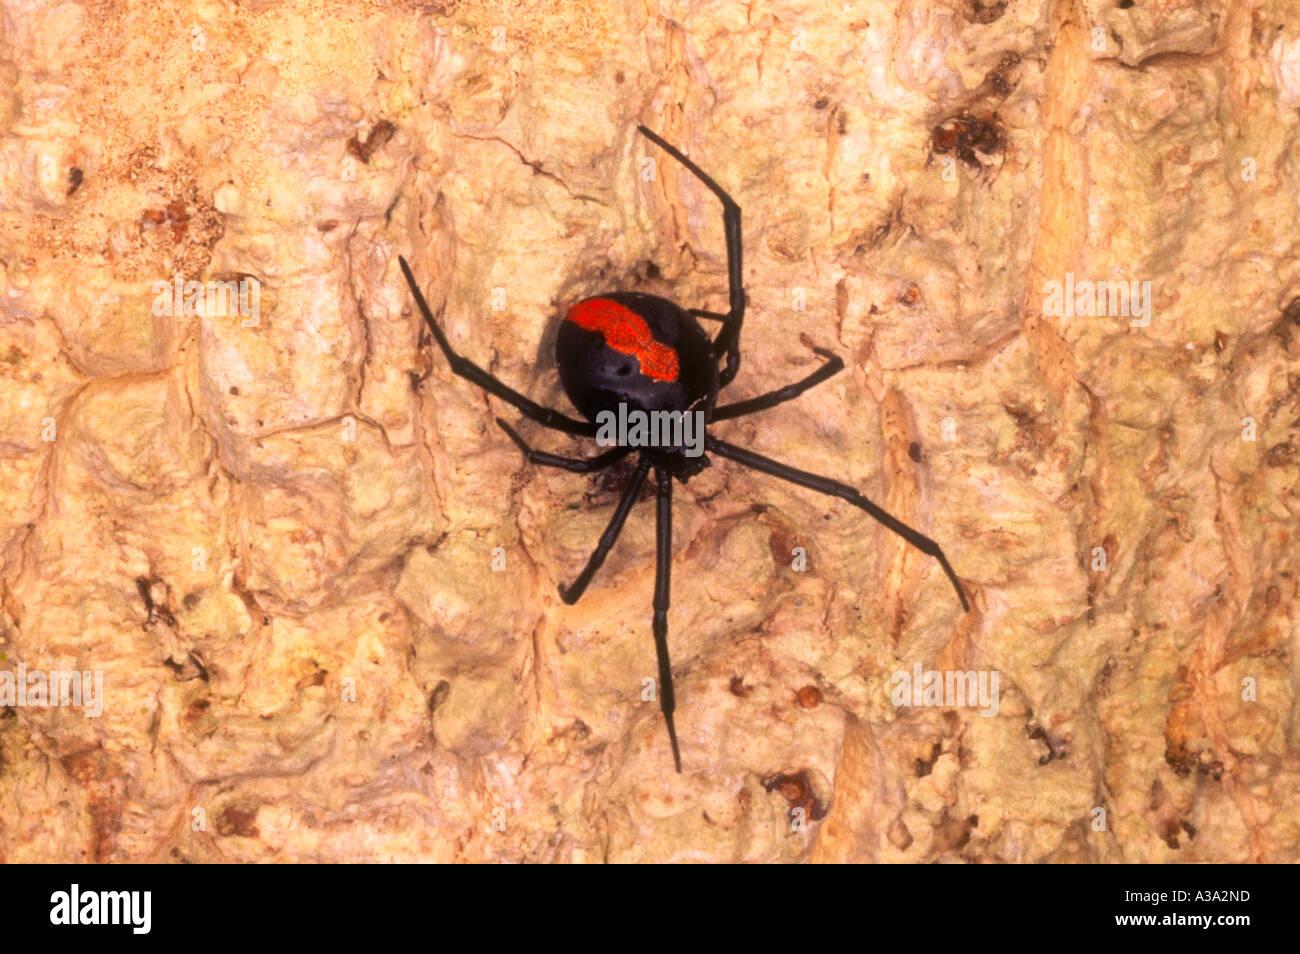 a-venomous-female-redback-spider-latrode